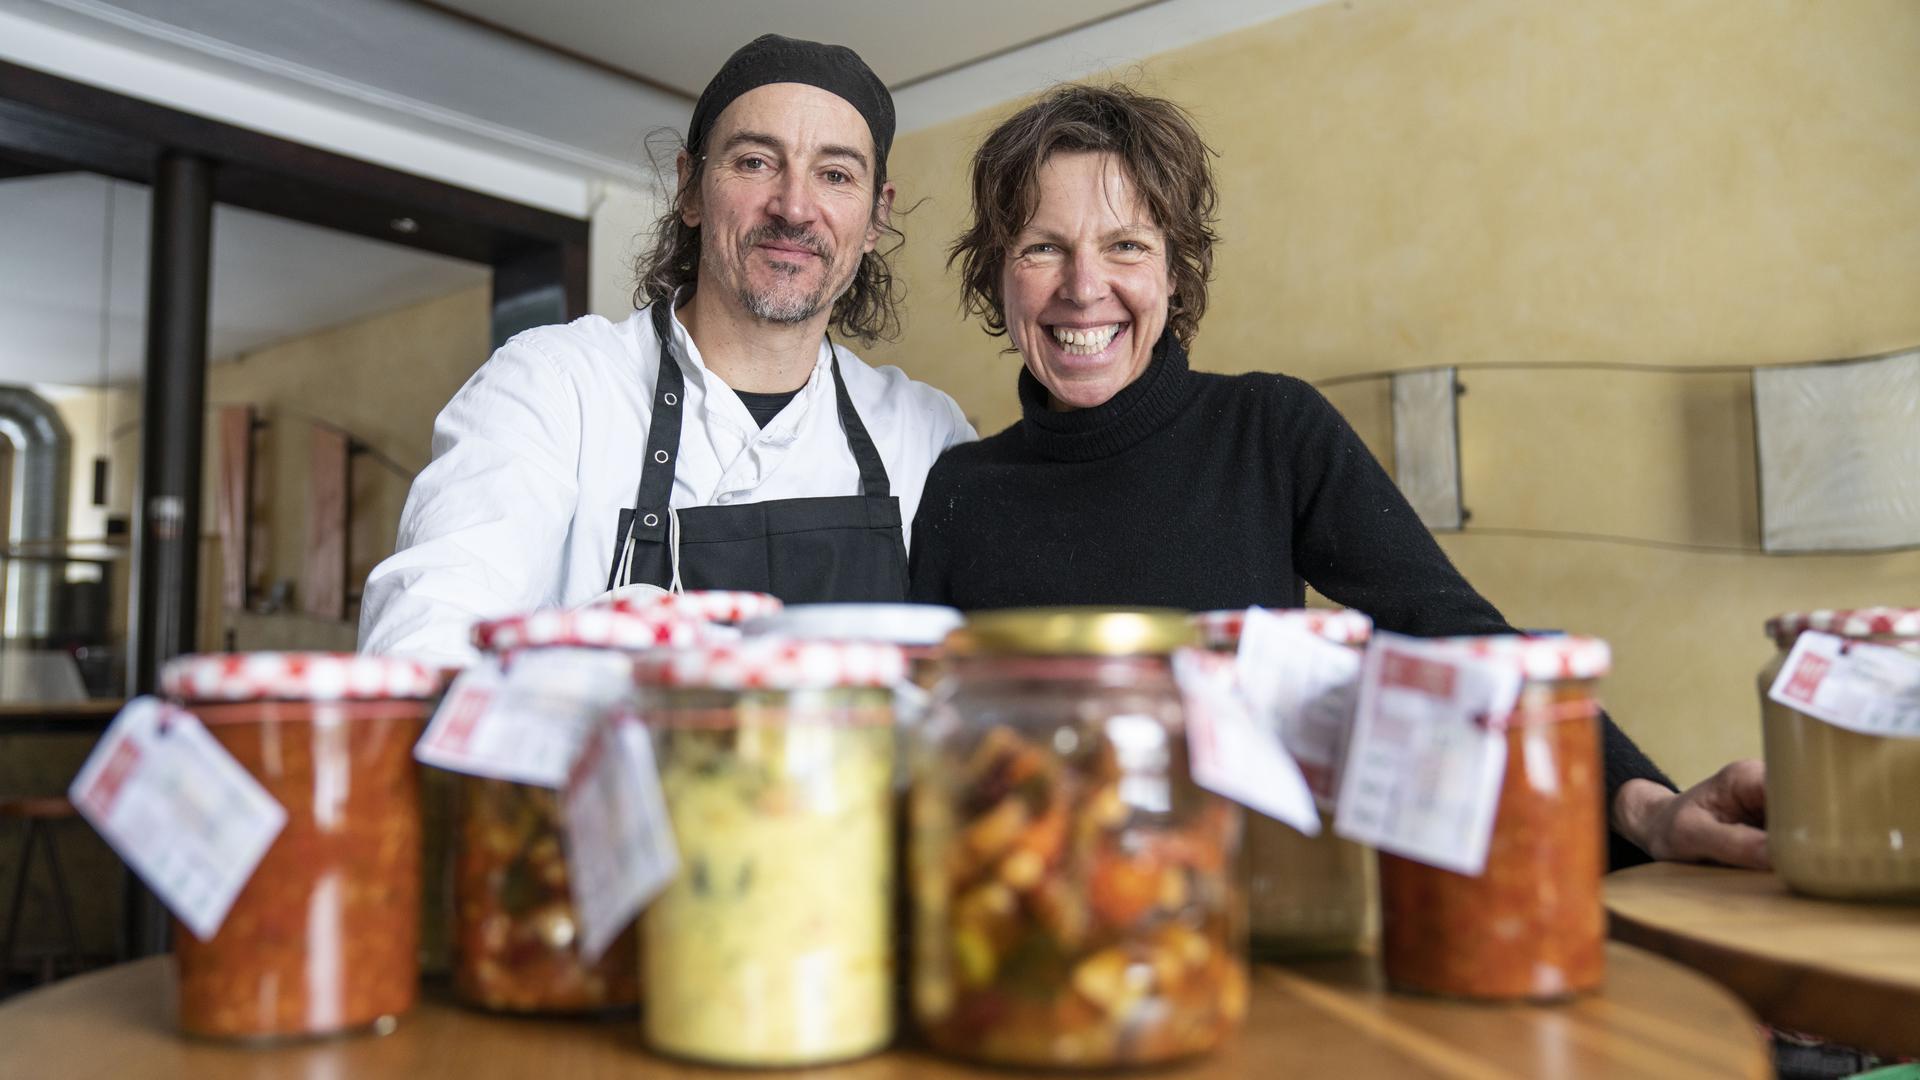 Frank Kemmerling und Ursel Hay vom Restaurant fünf in Karlsruhe stehen hinter Einmachgläsern und lächeln arg sympathisch.